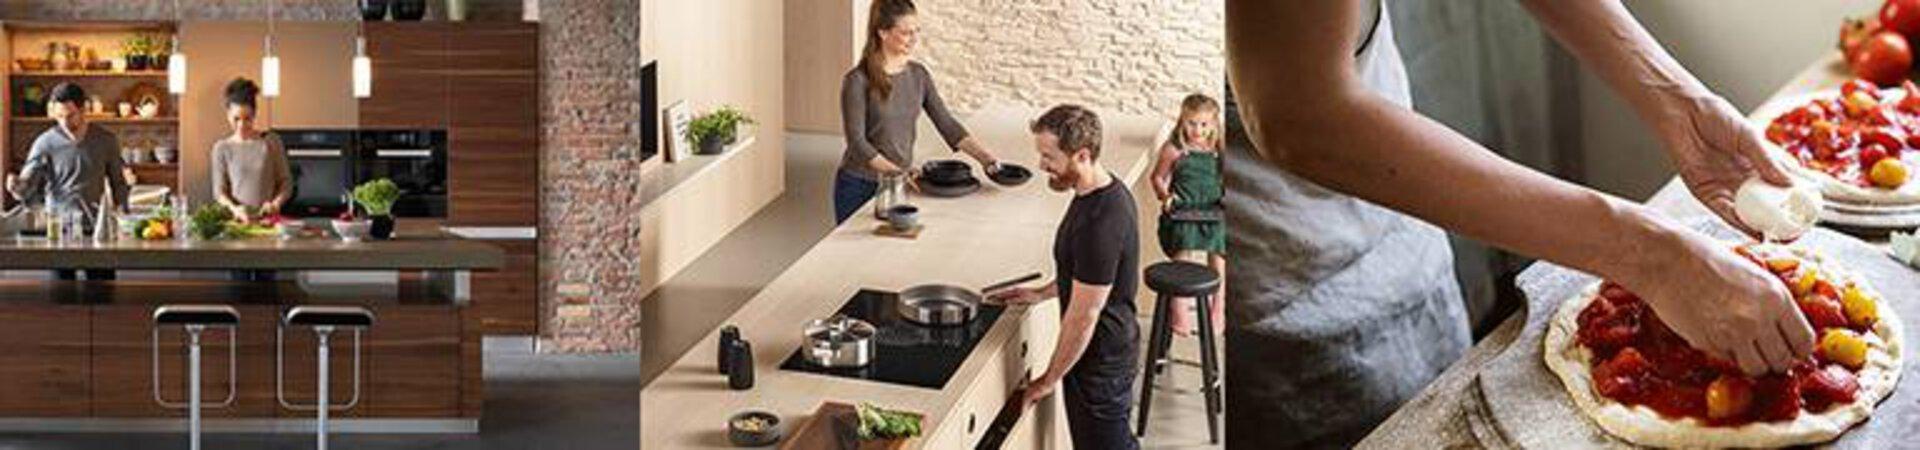 Titel-Banner-Bild zu Möbel-Gütepass - Küche